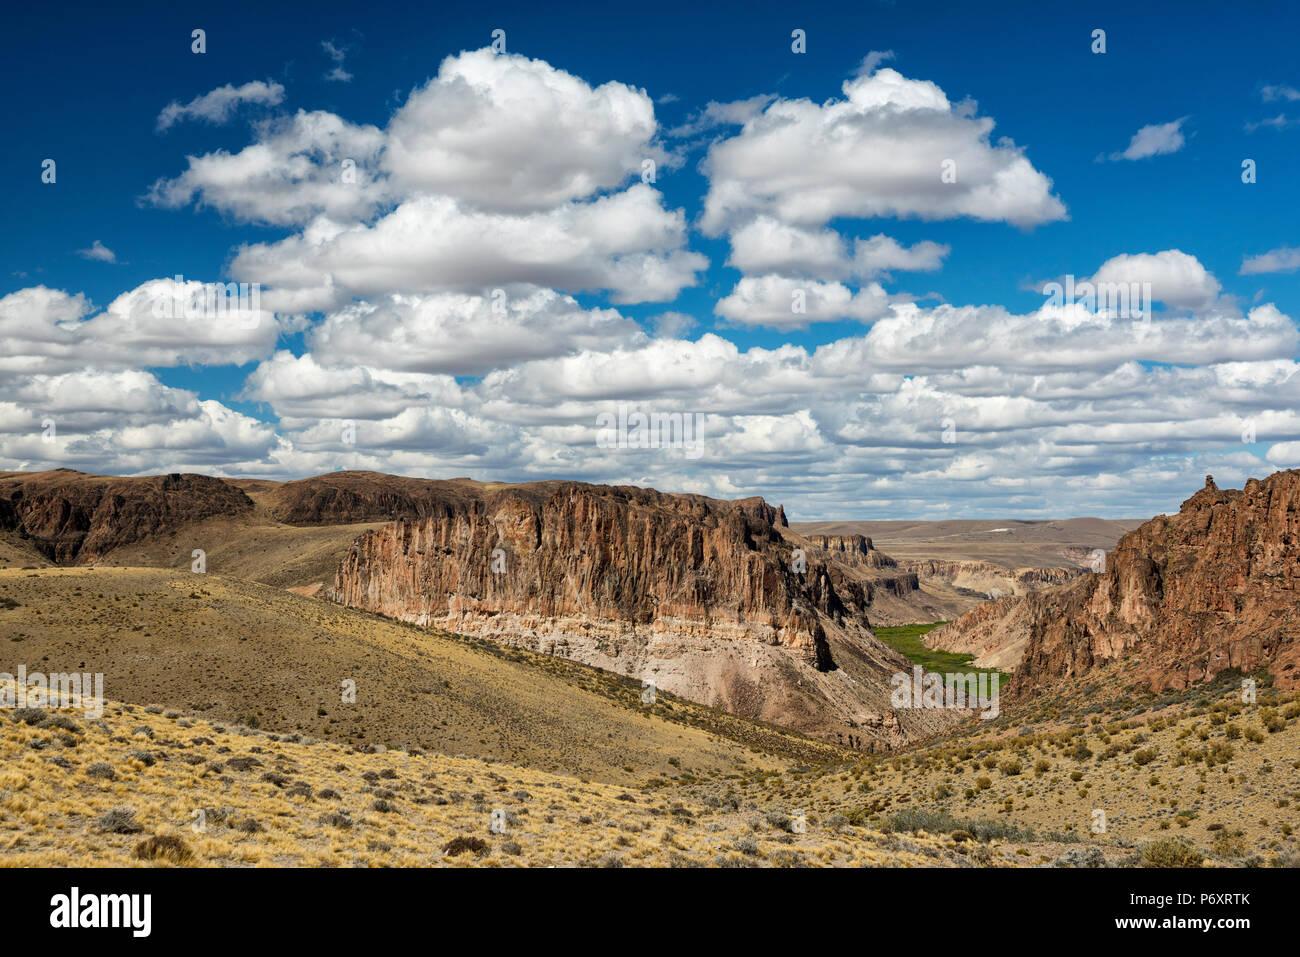 Sud America, Argentina, Santa Cruz, Patagonia, Cueva de los Manos paesaggio Immagini Stock